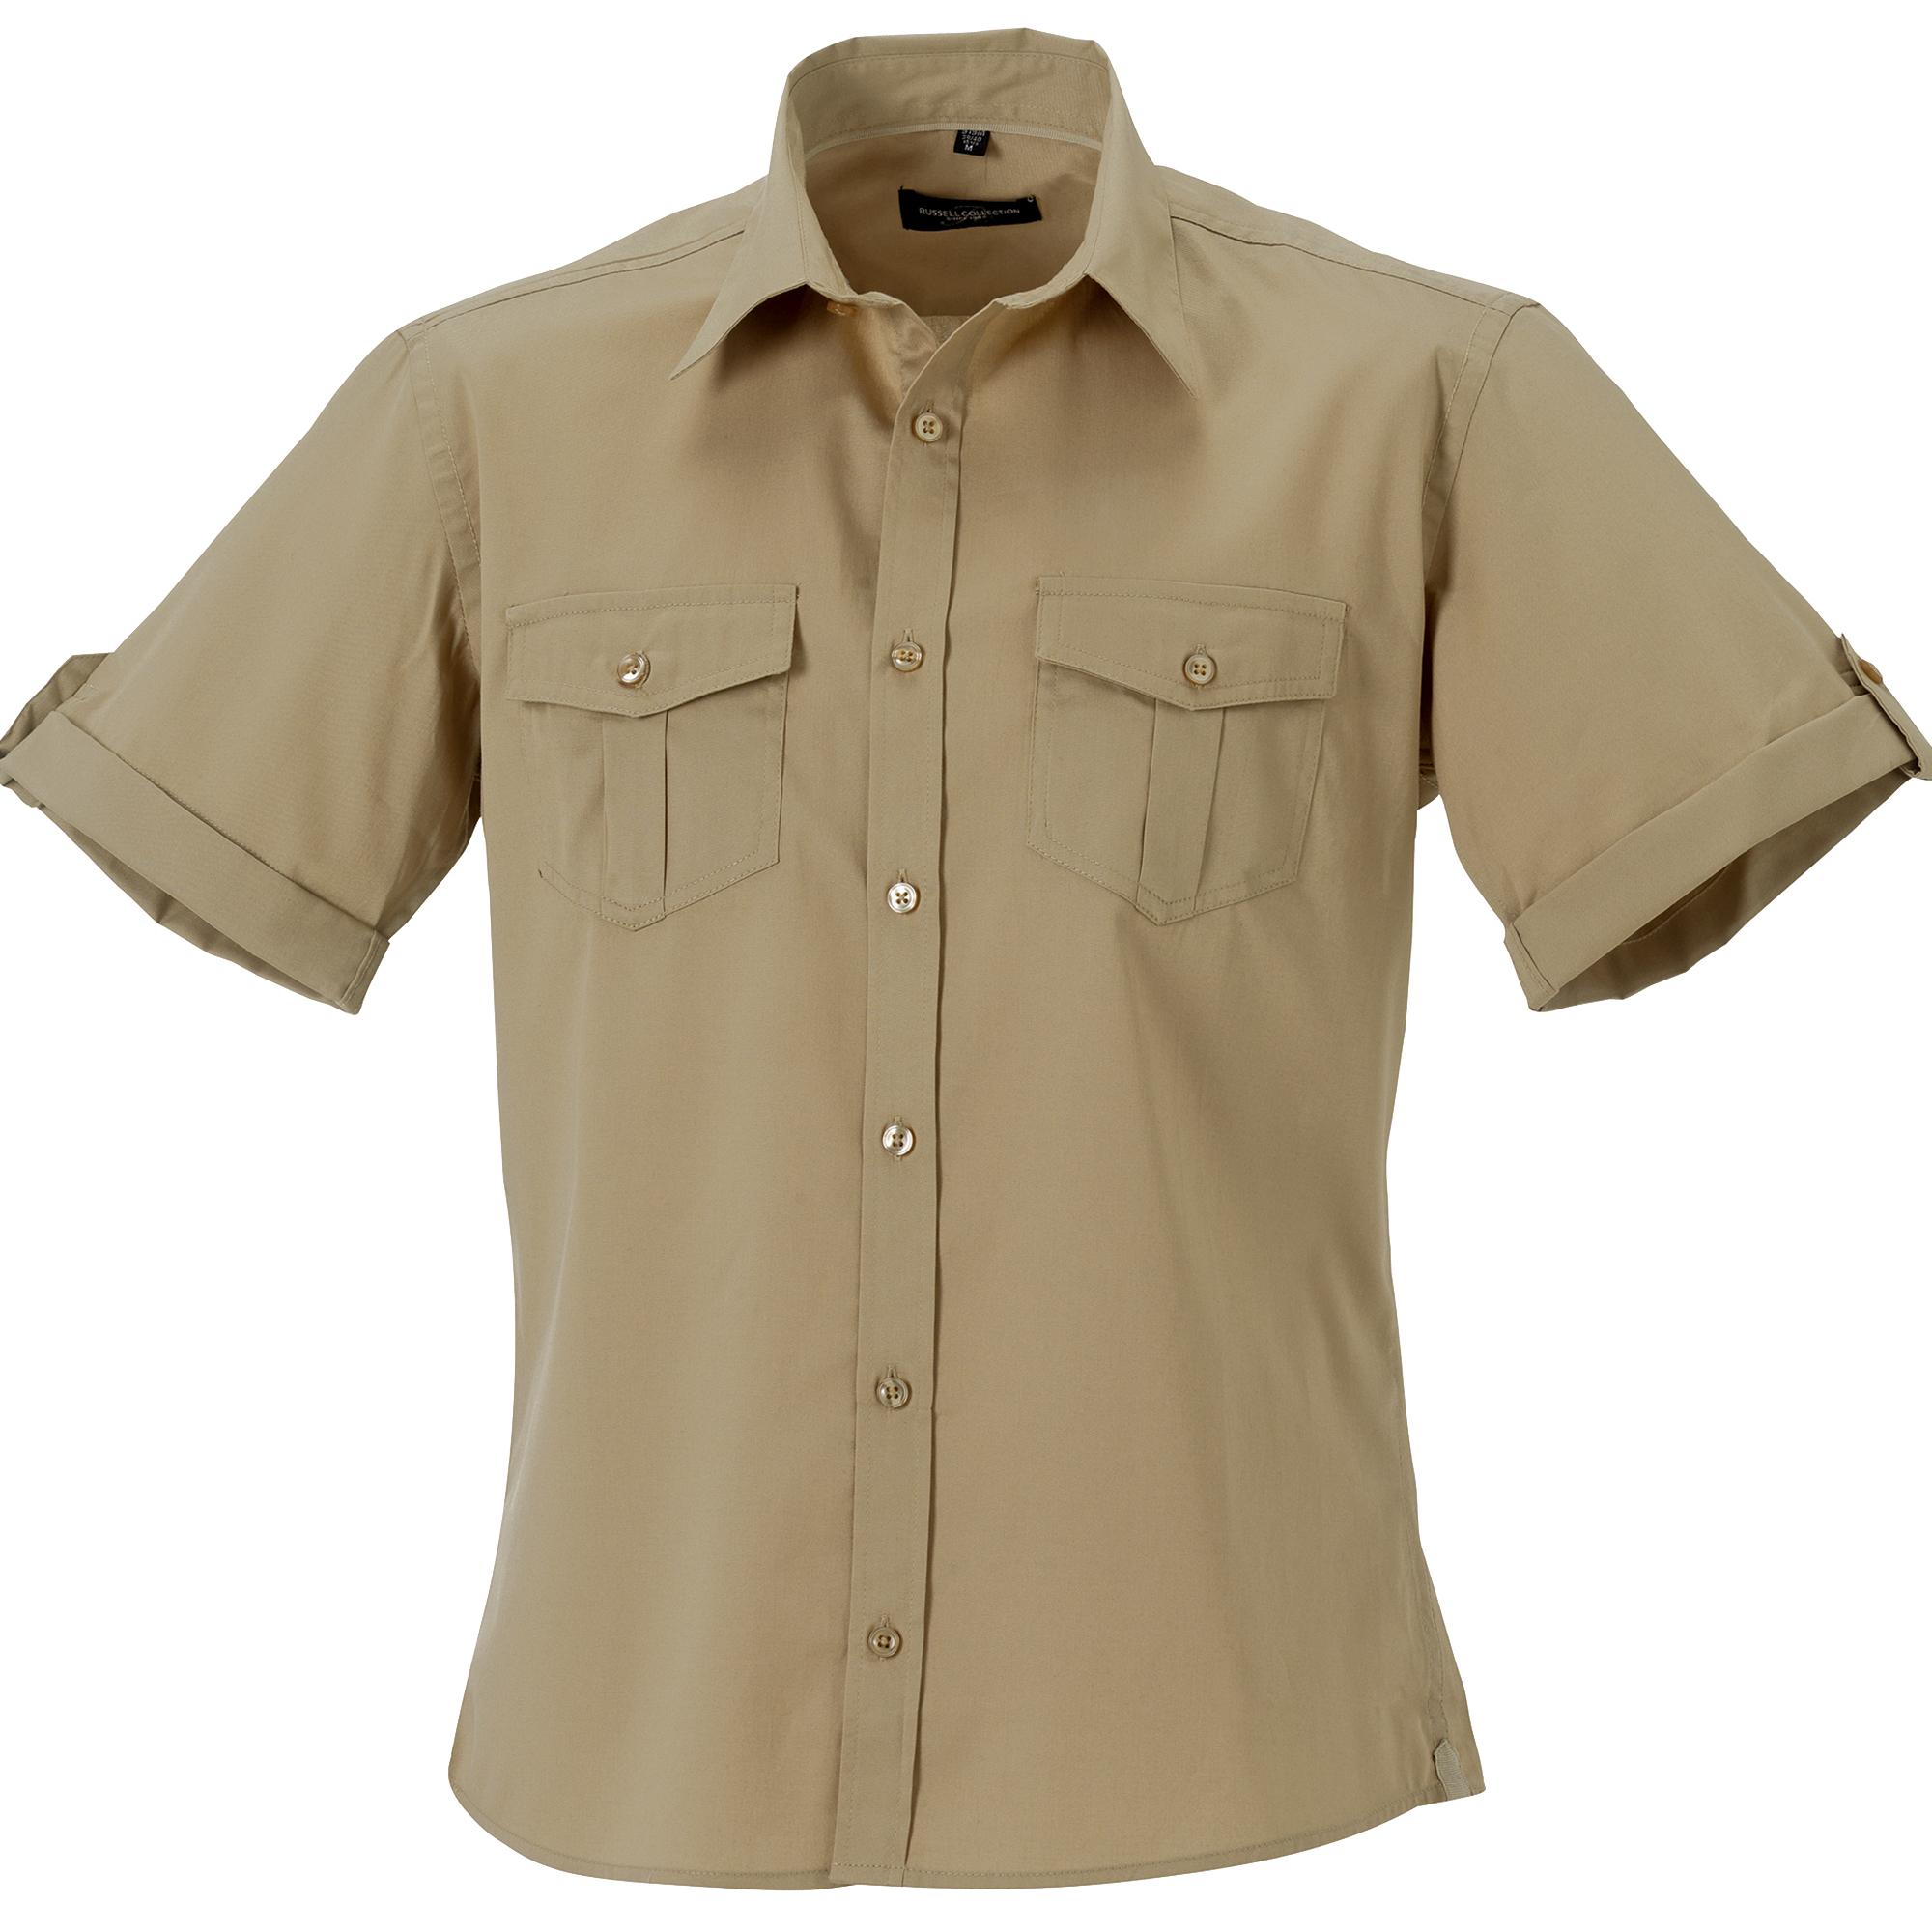 Russell Collection Mens Short / Roll-Sleeve Work Shirt (XL) (Khaki)